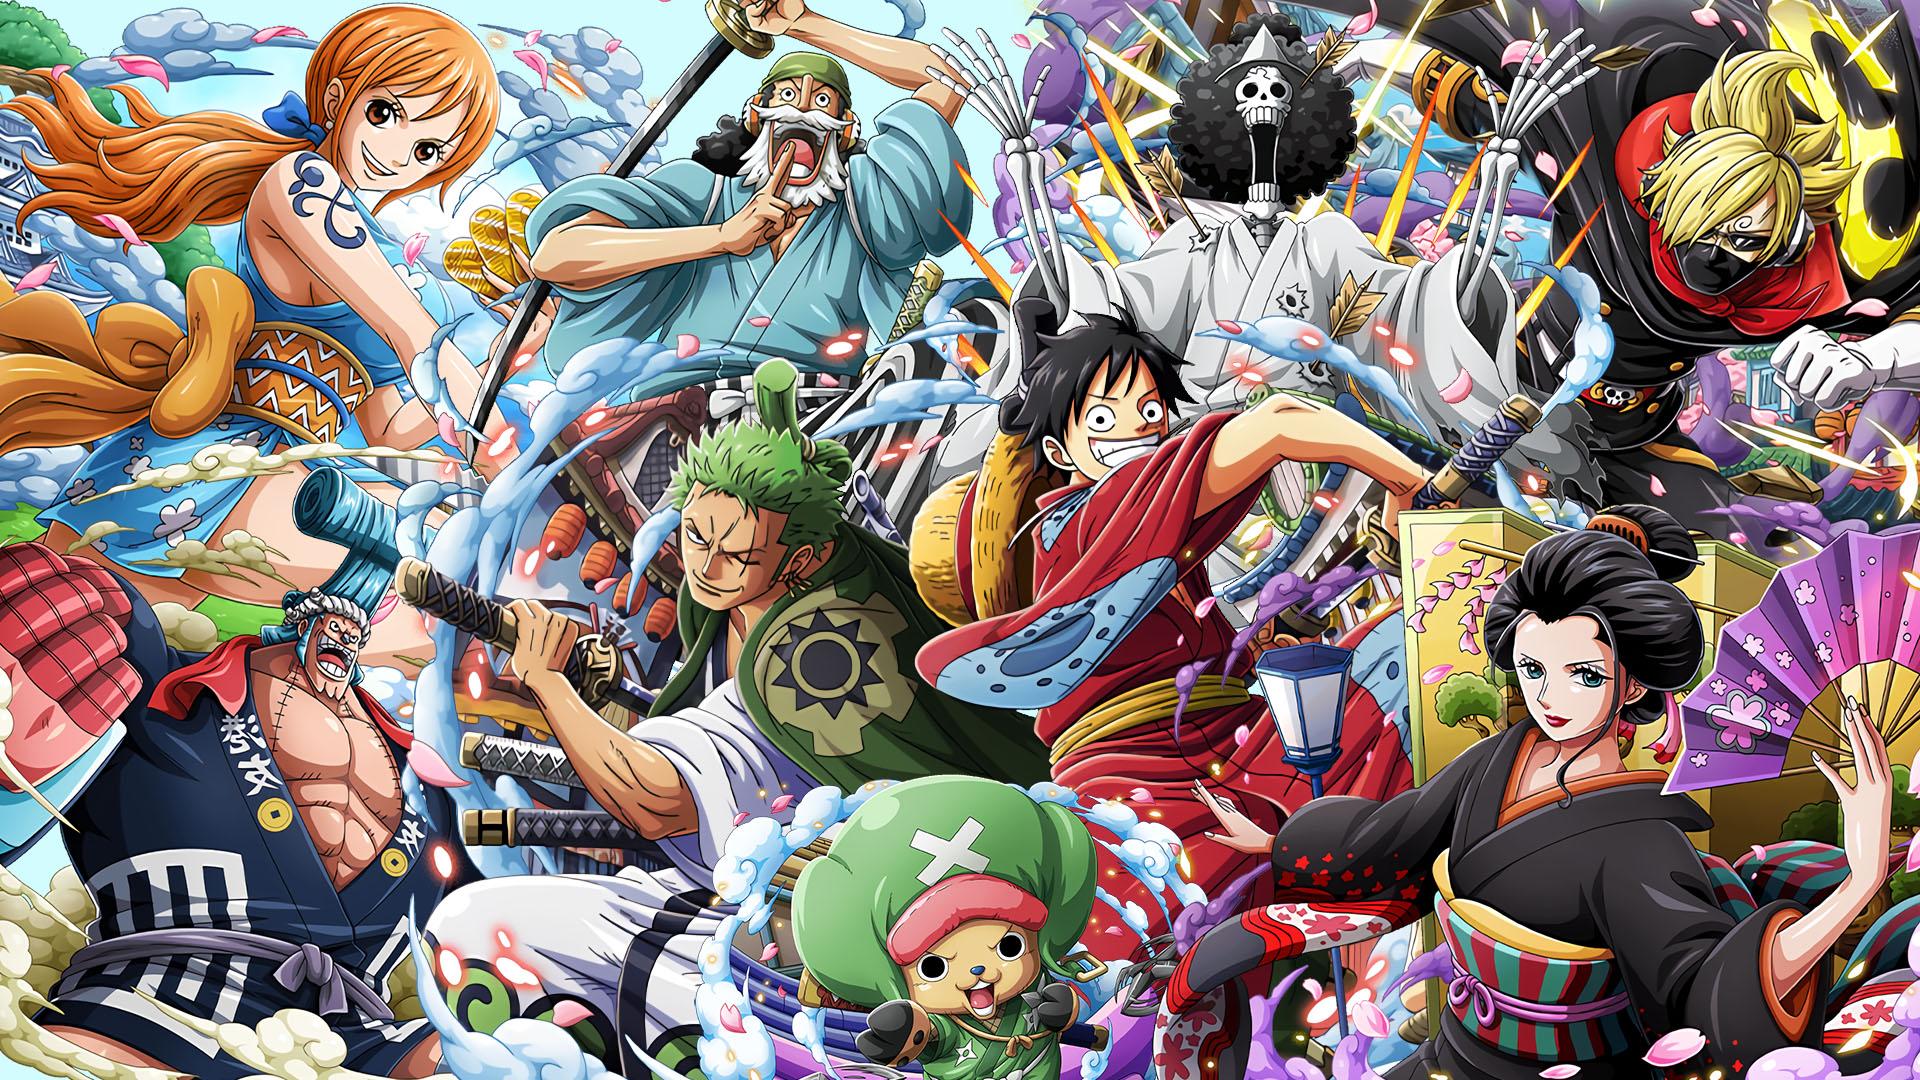 动漫卡通,海贼王,航海王,和之国,路飞,草帽海贼团